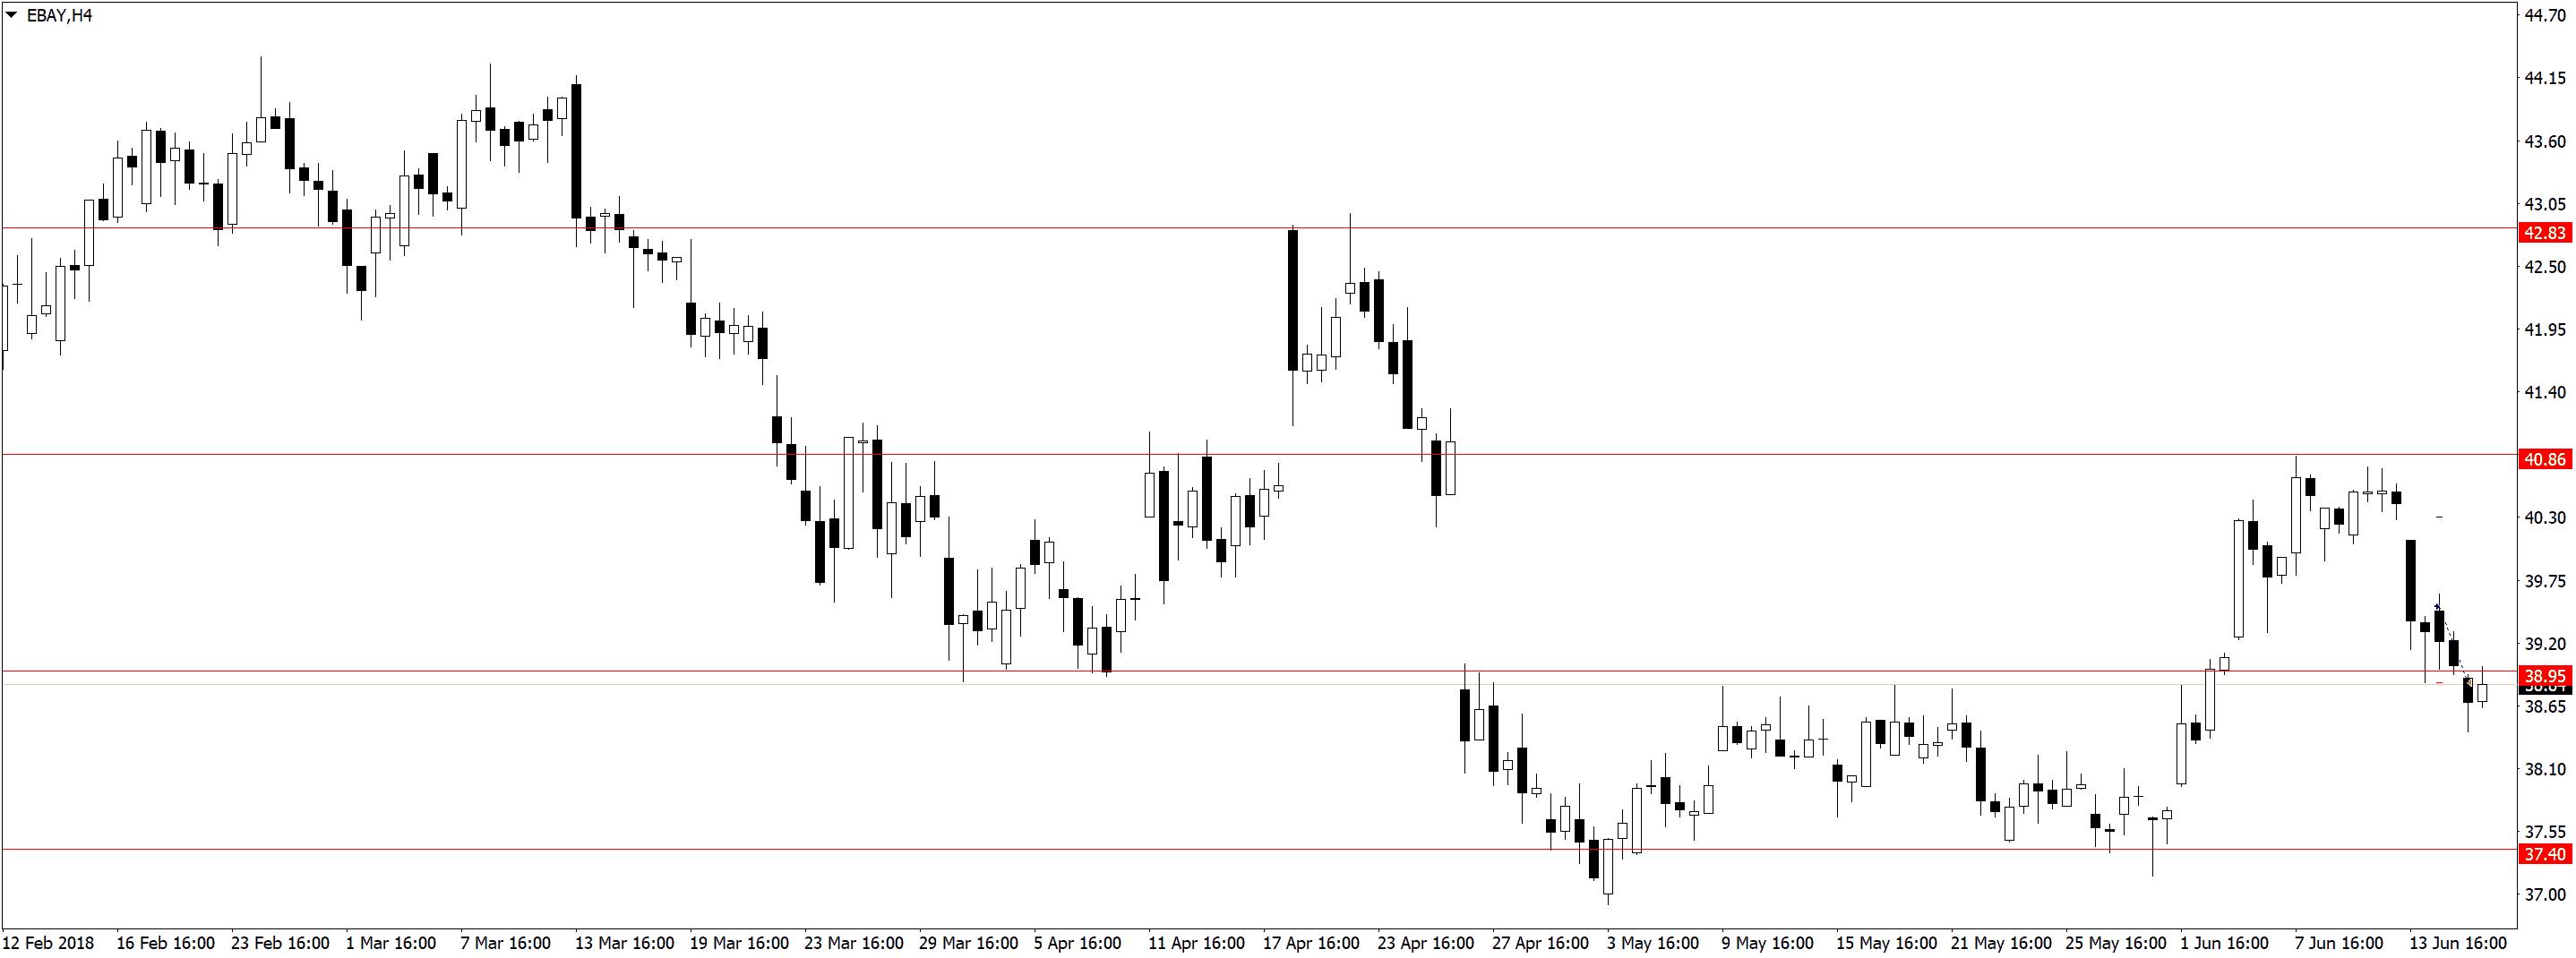 EBAYH4 Усталость от трейдинга, торговля акций, переторговка